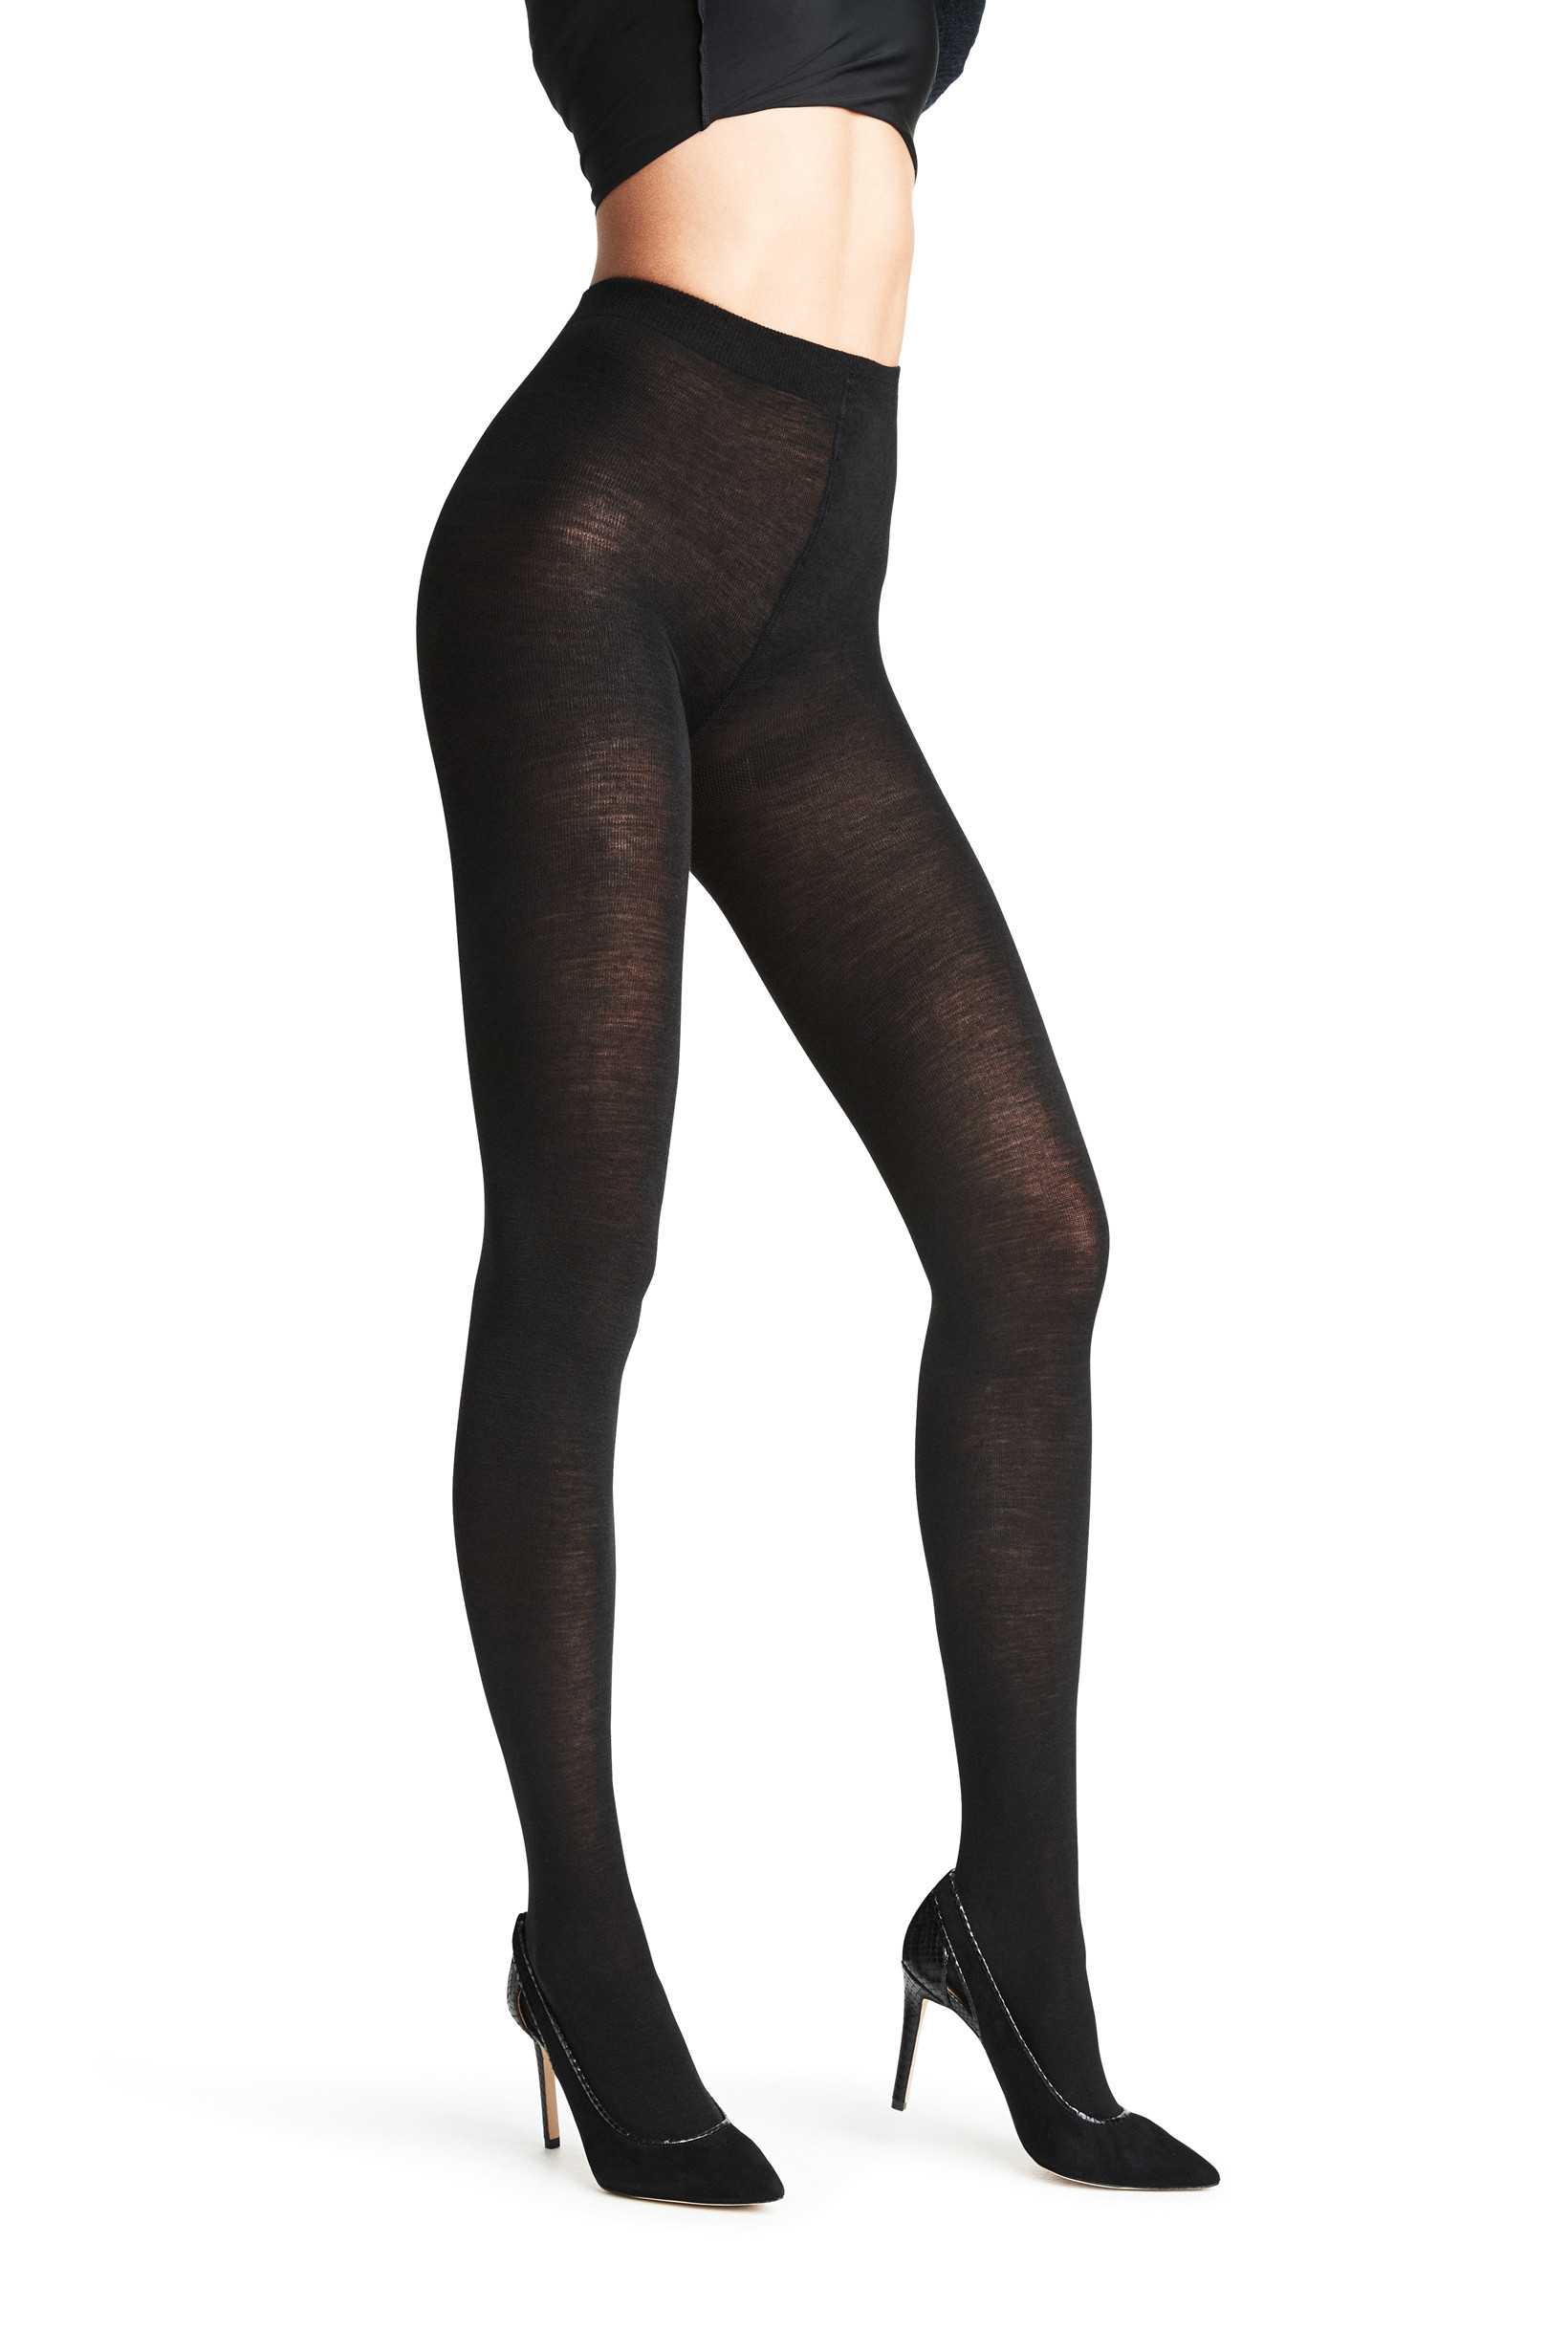 a4a9fa8003d Decoy strømper og strømpebukser til kvinder ⇒ [Spar op til 50%]